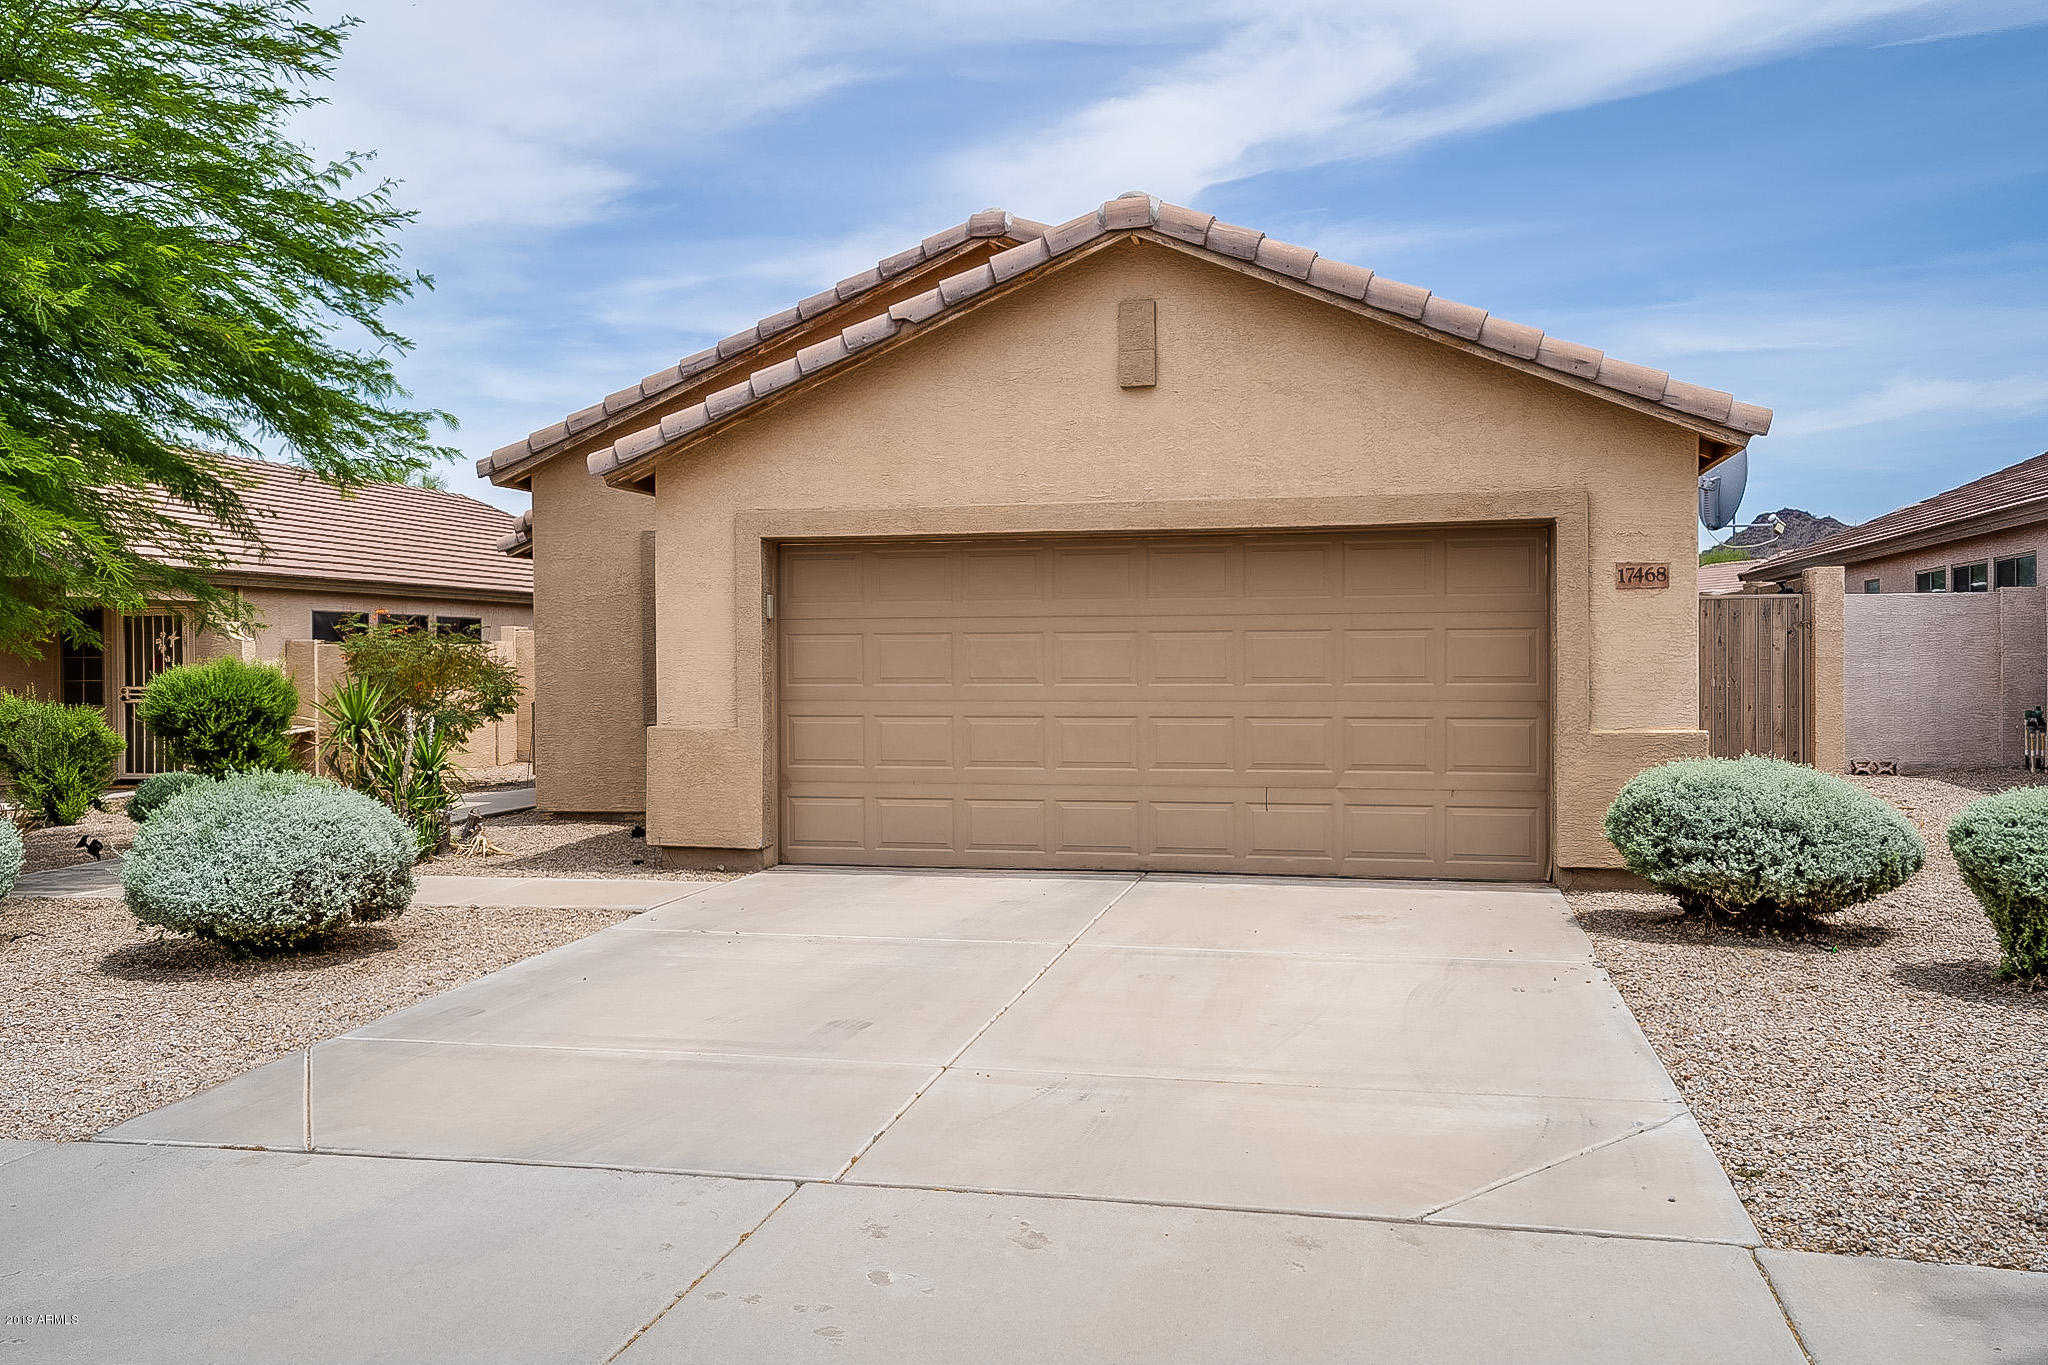 $239,750 - 3Br/2Ba - Home for Sale in Estrella Mountain Ranch, Goodyear